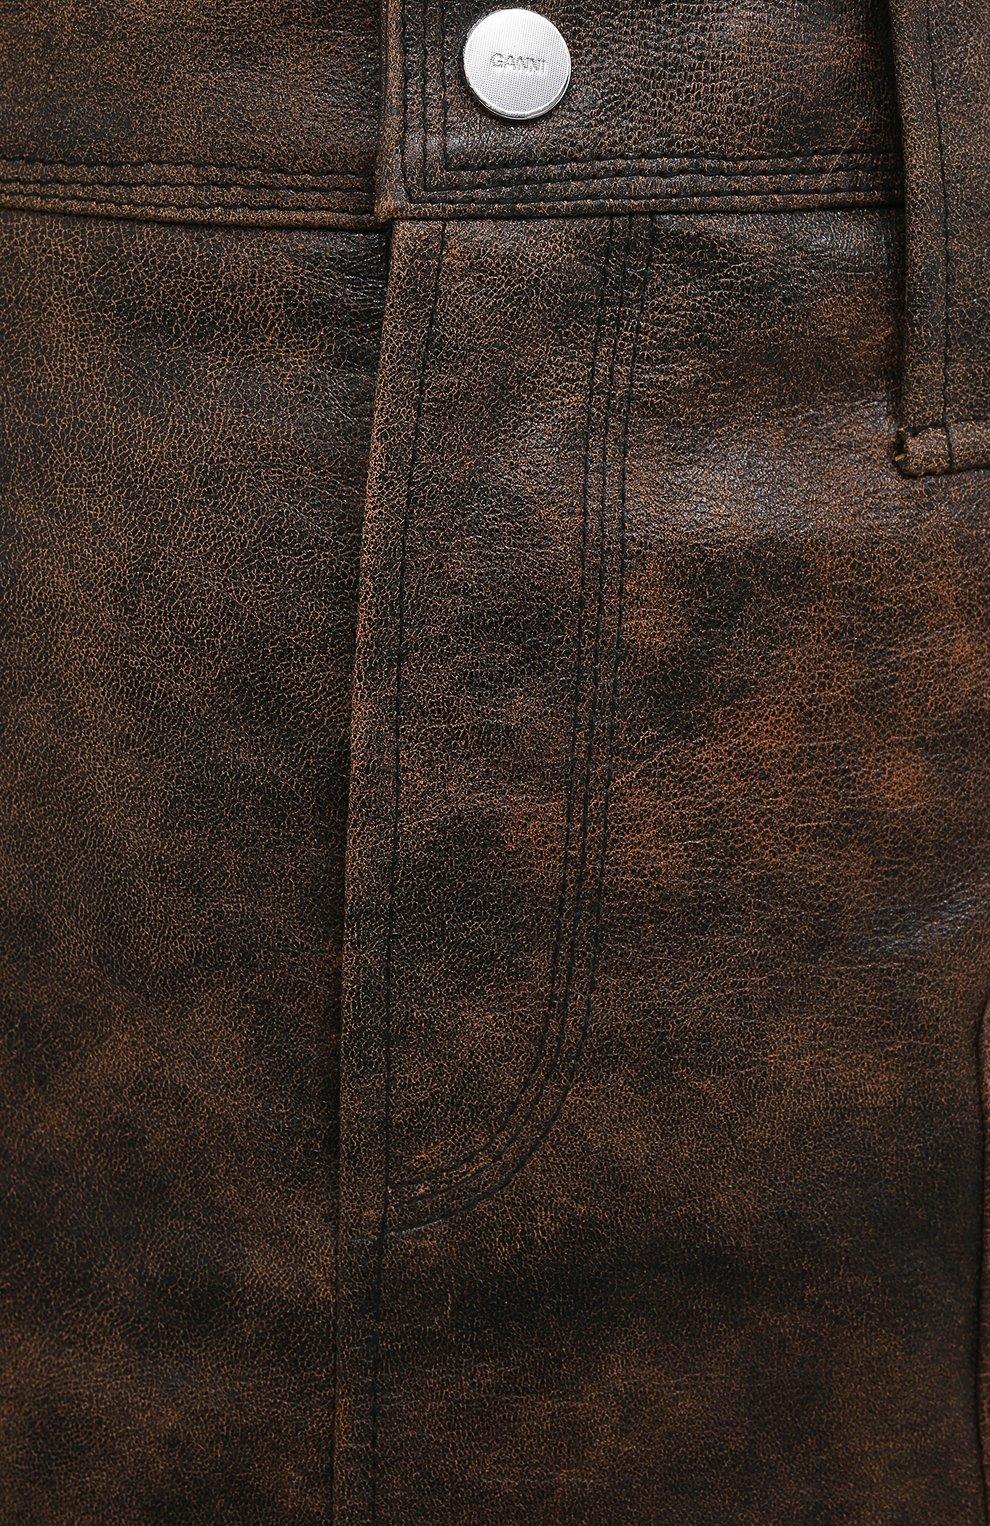 Женская кожаная юбка GANNI коричневого цвета, арт. F5612   Фото 5